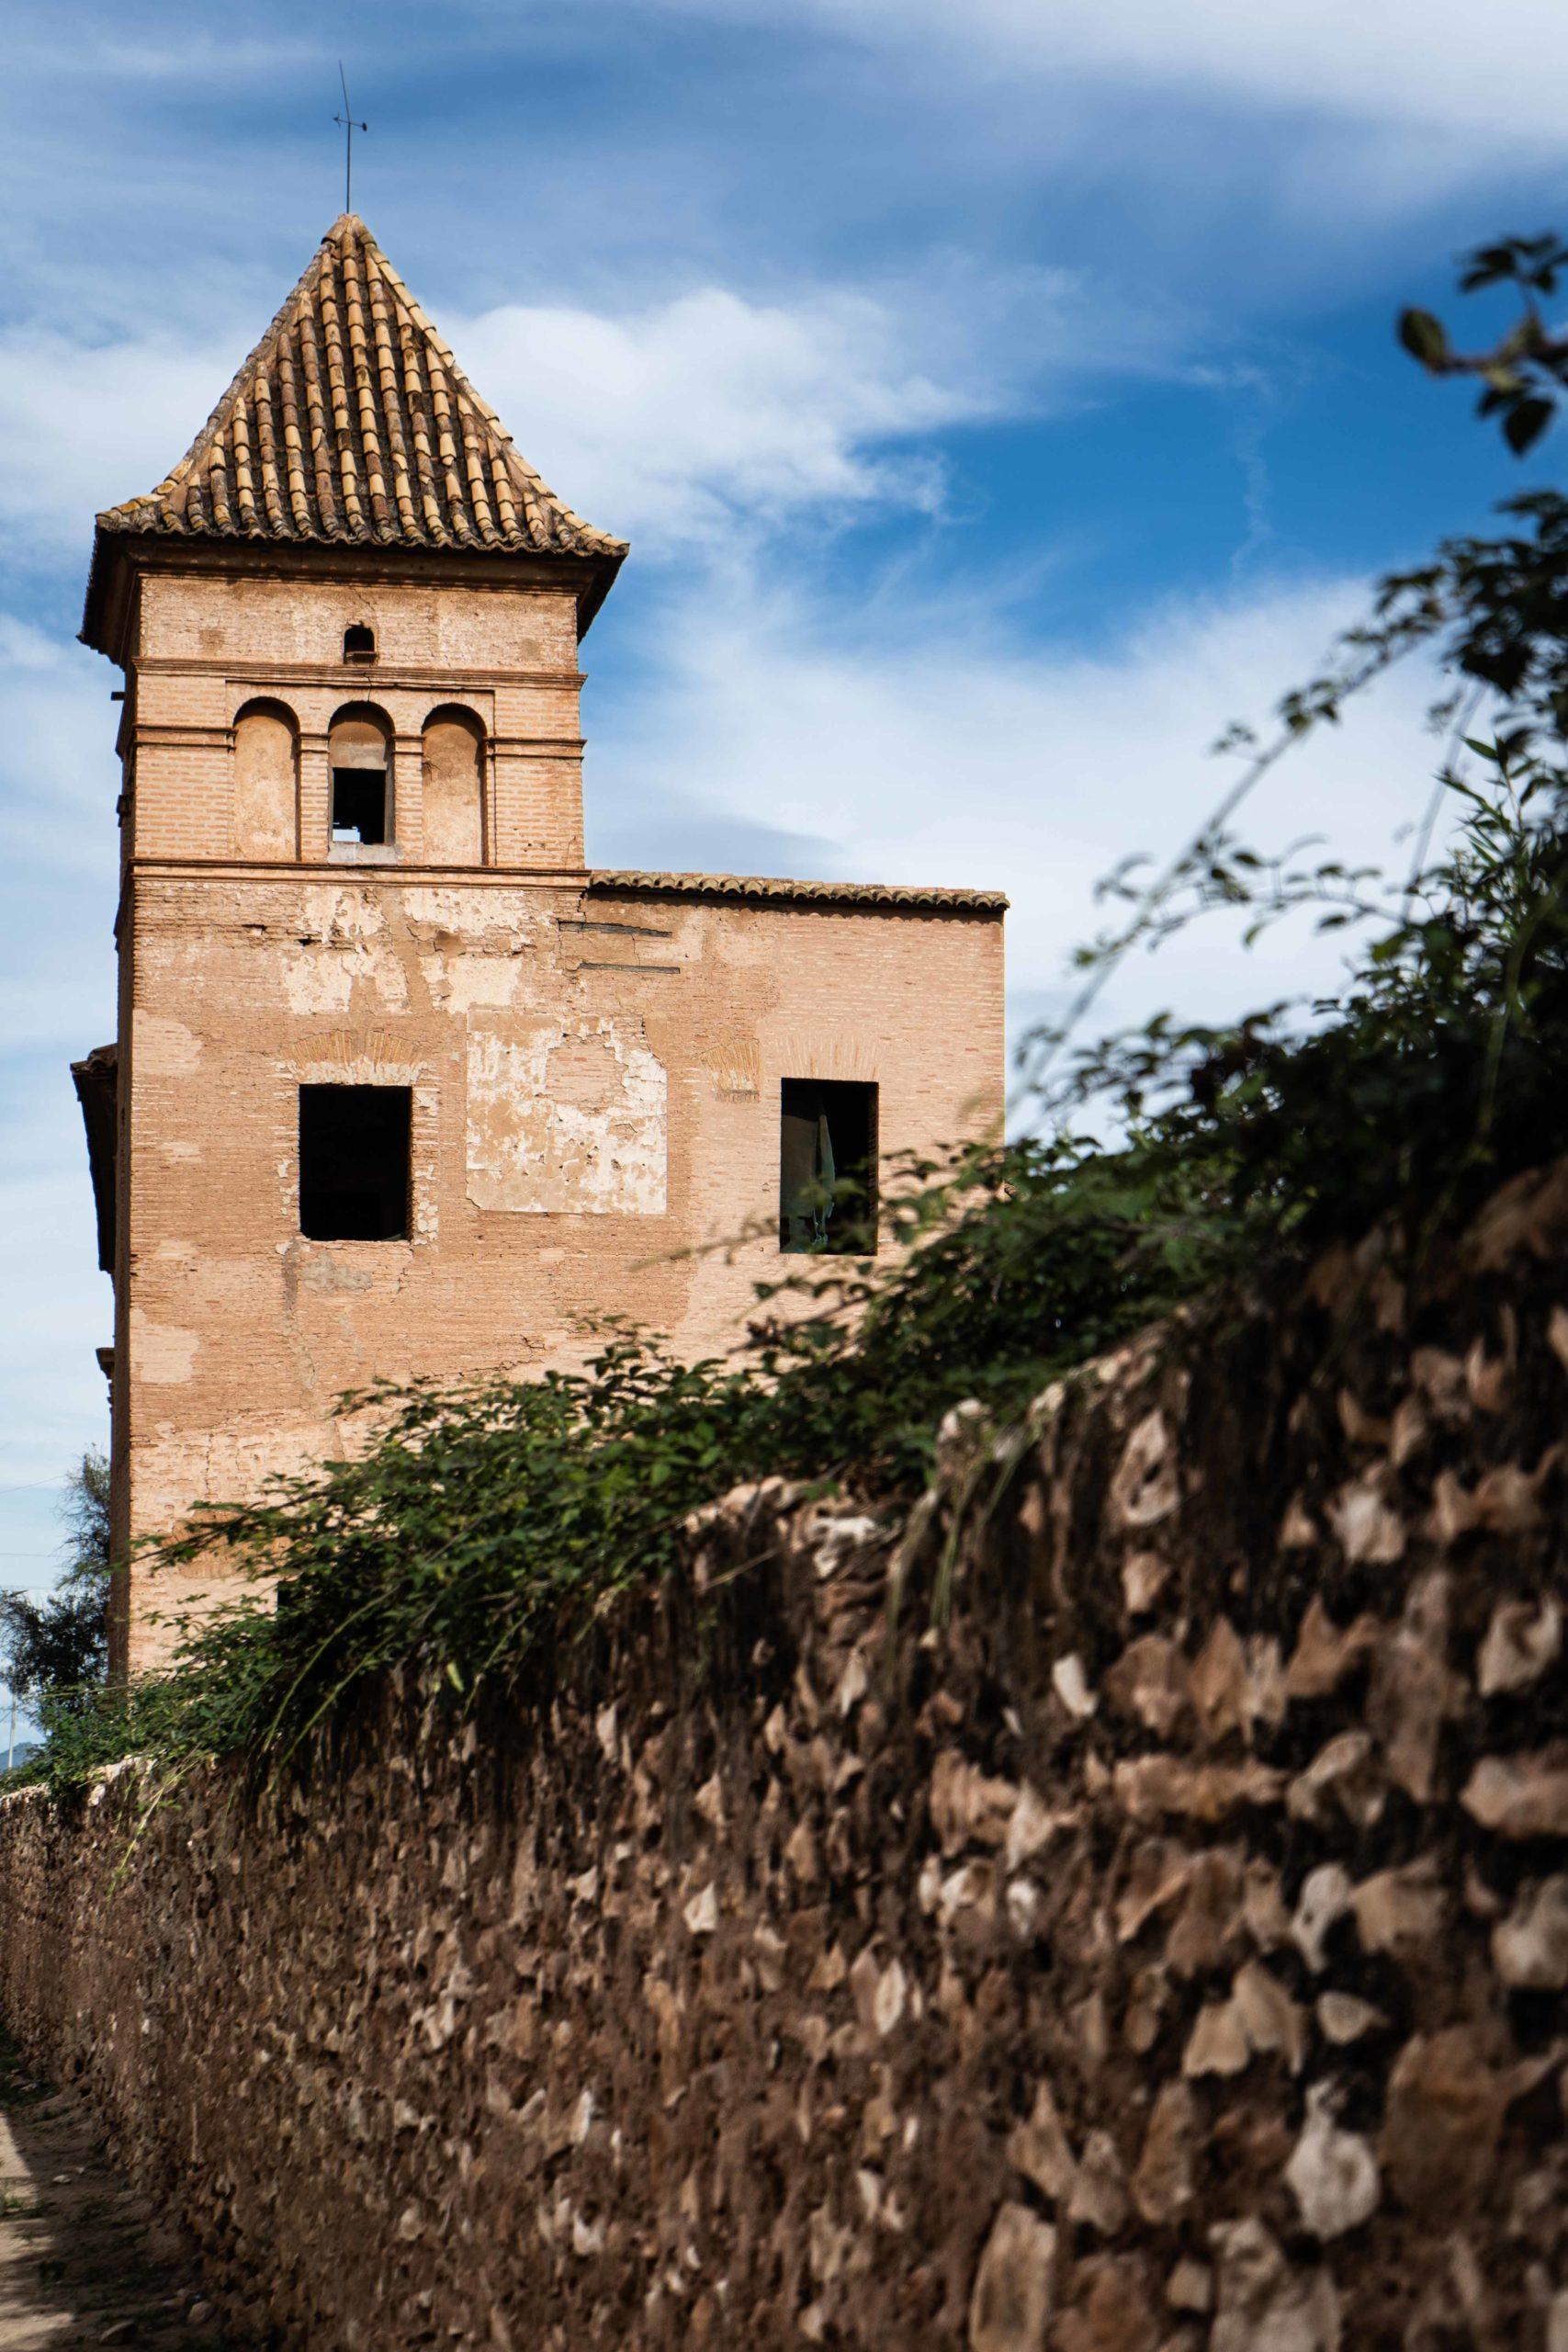 Casa de la Sirena. Alquería fortificada del siglo XVIII. Sitio a visitar en la Huerta Valenciana